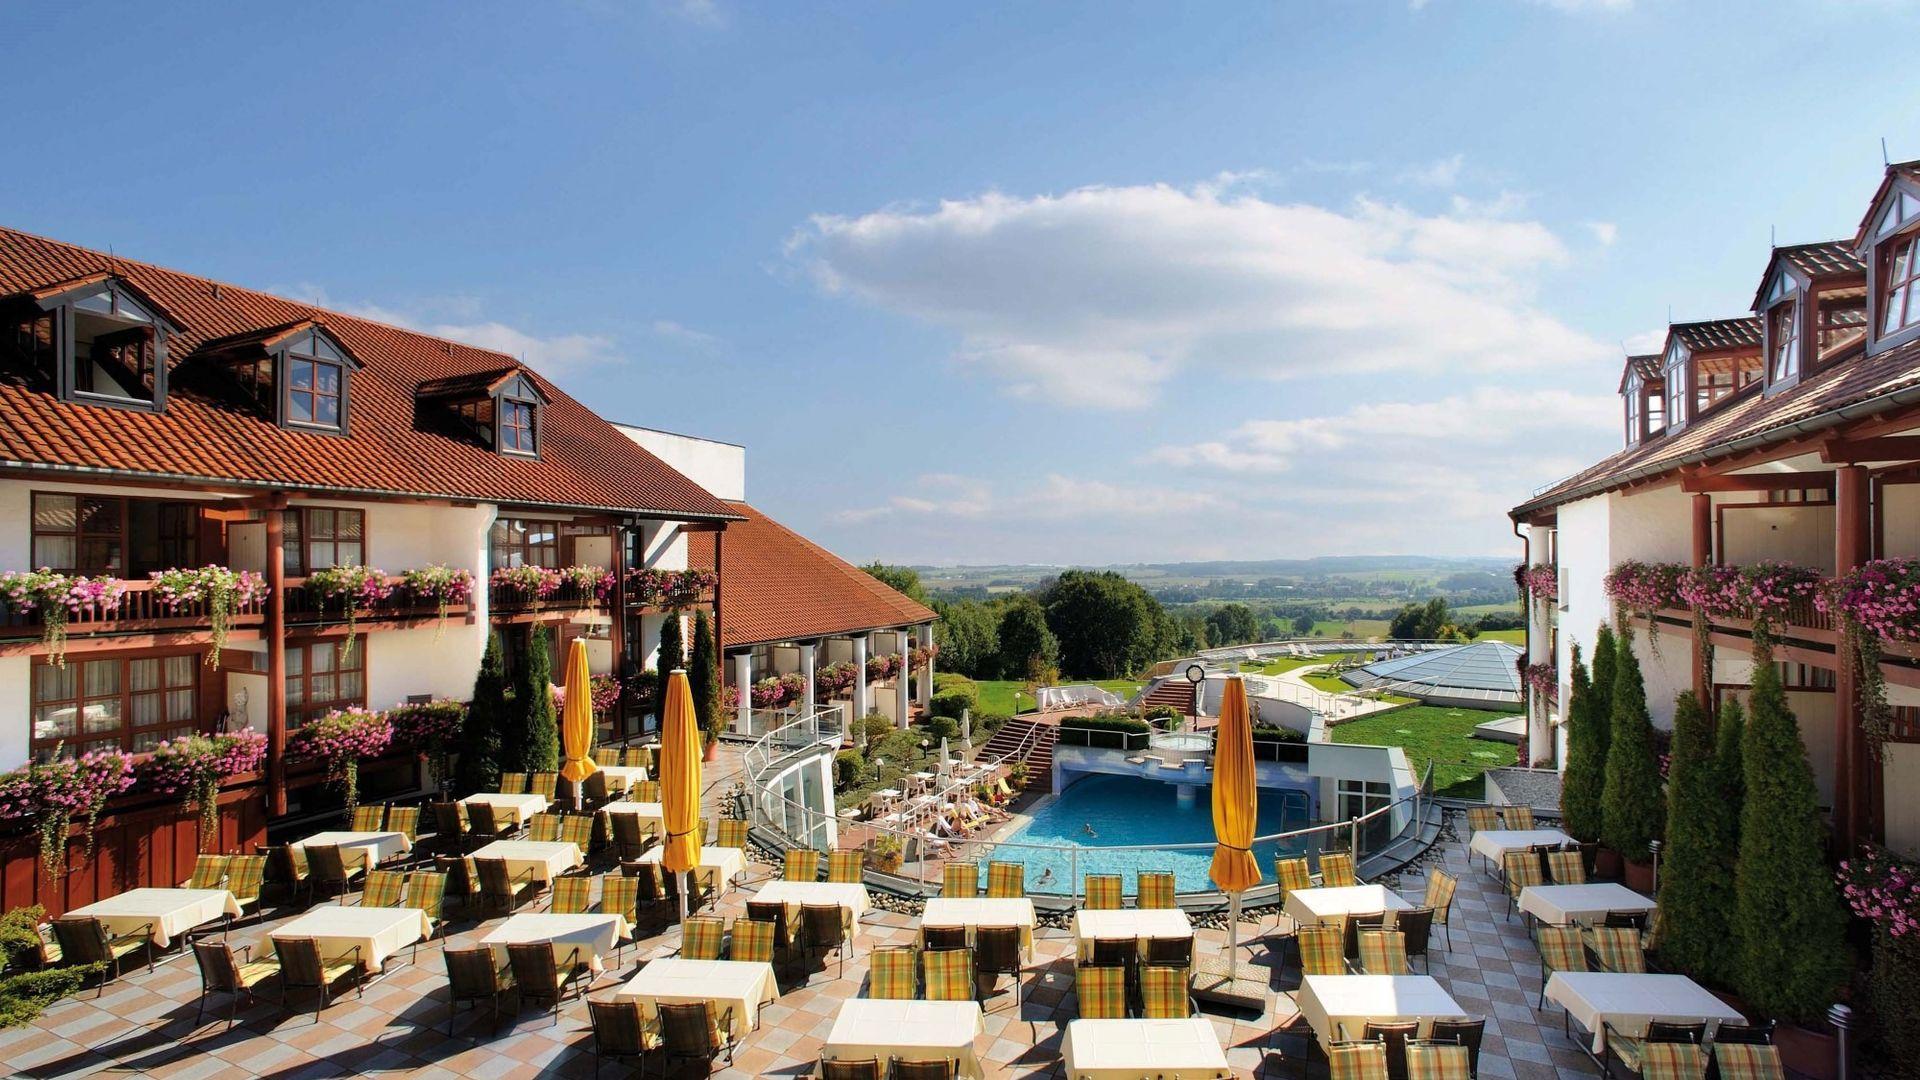 4*S Fürstenhof Quellness- und Golfhotel